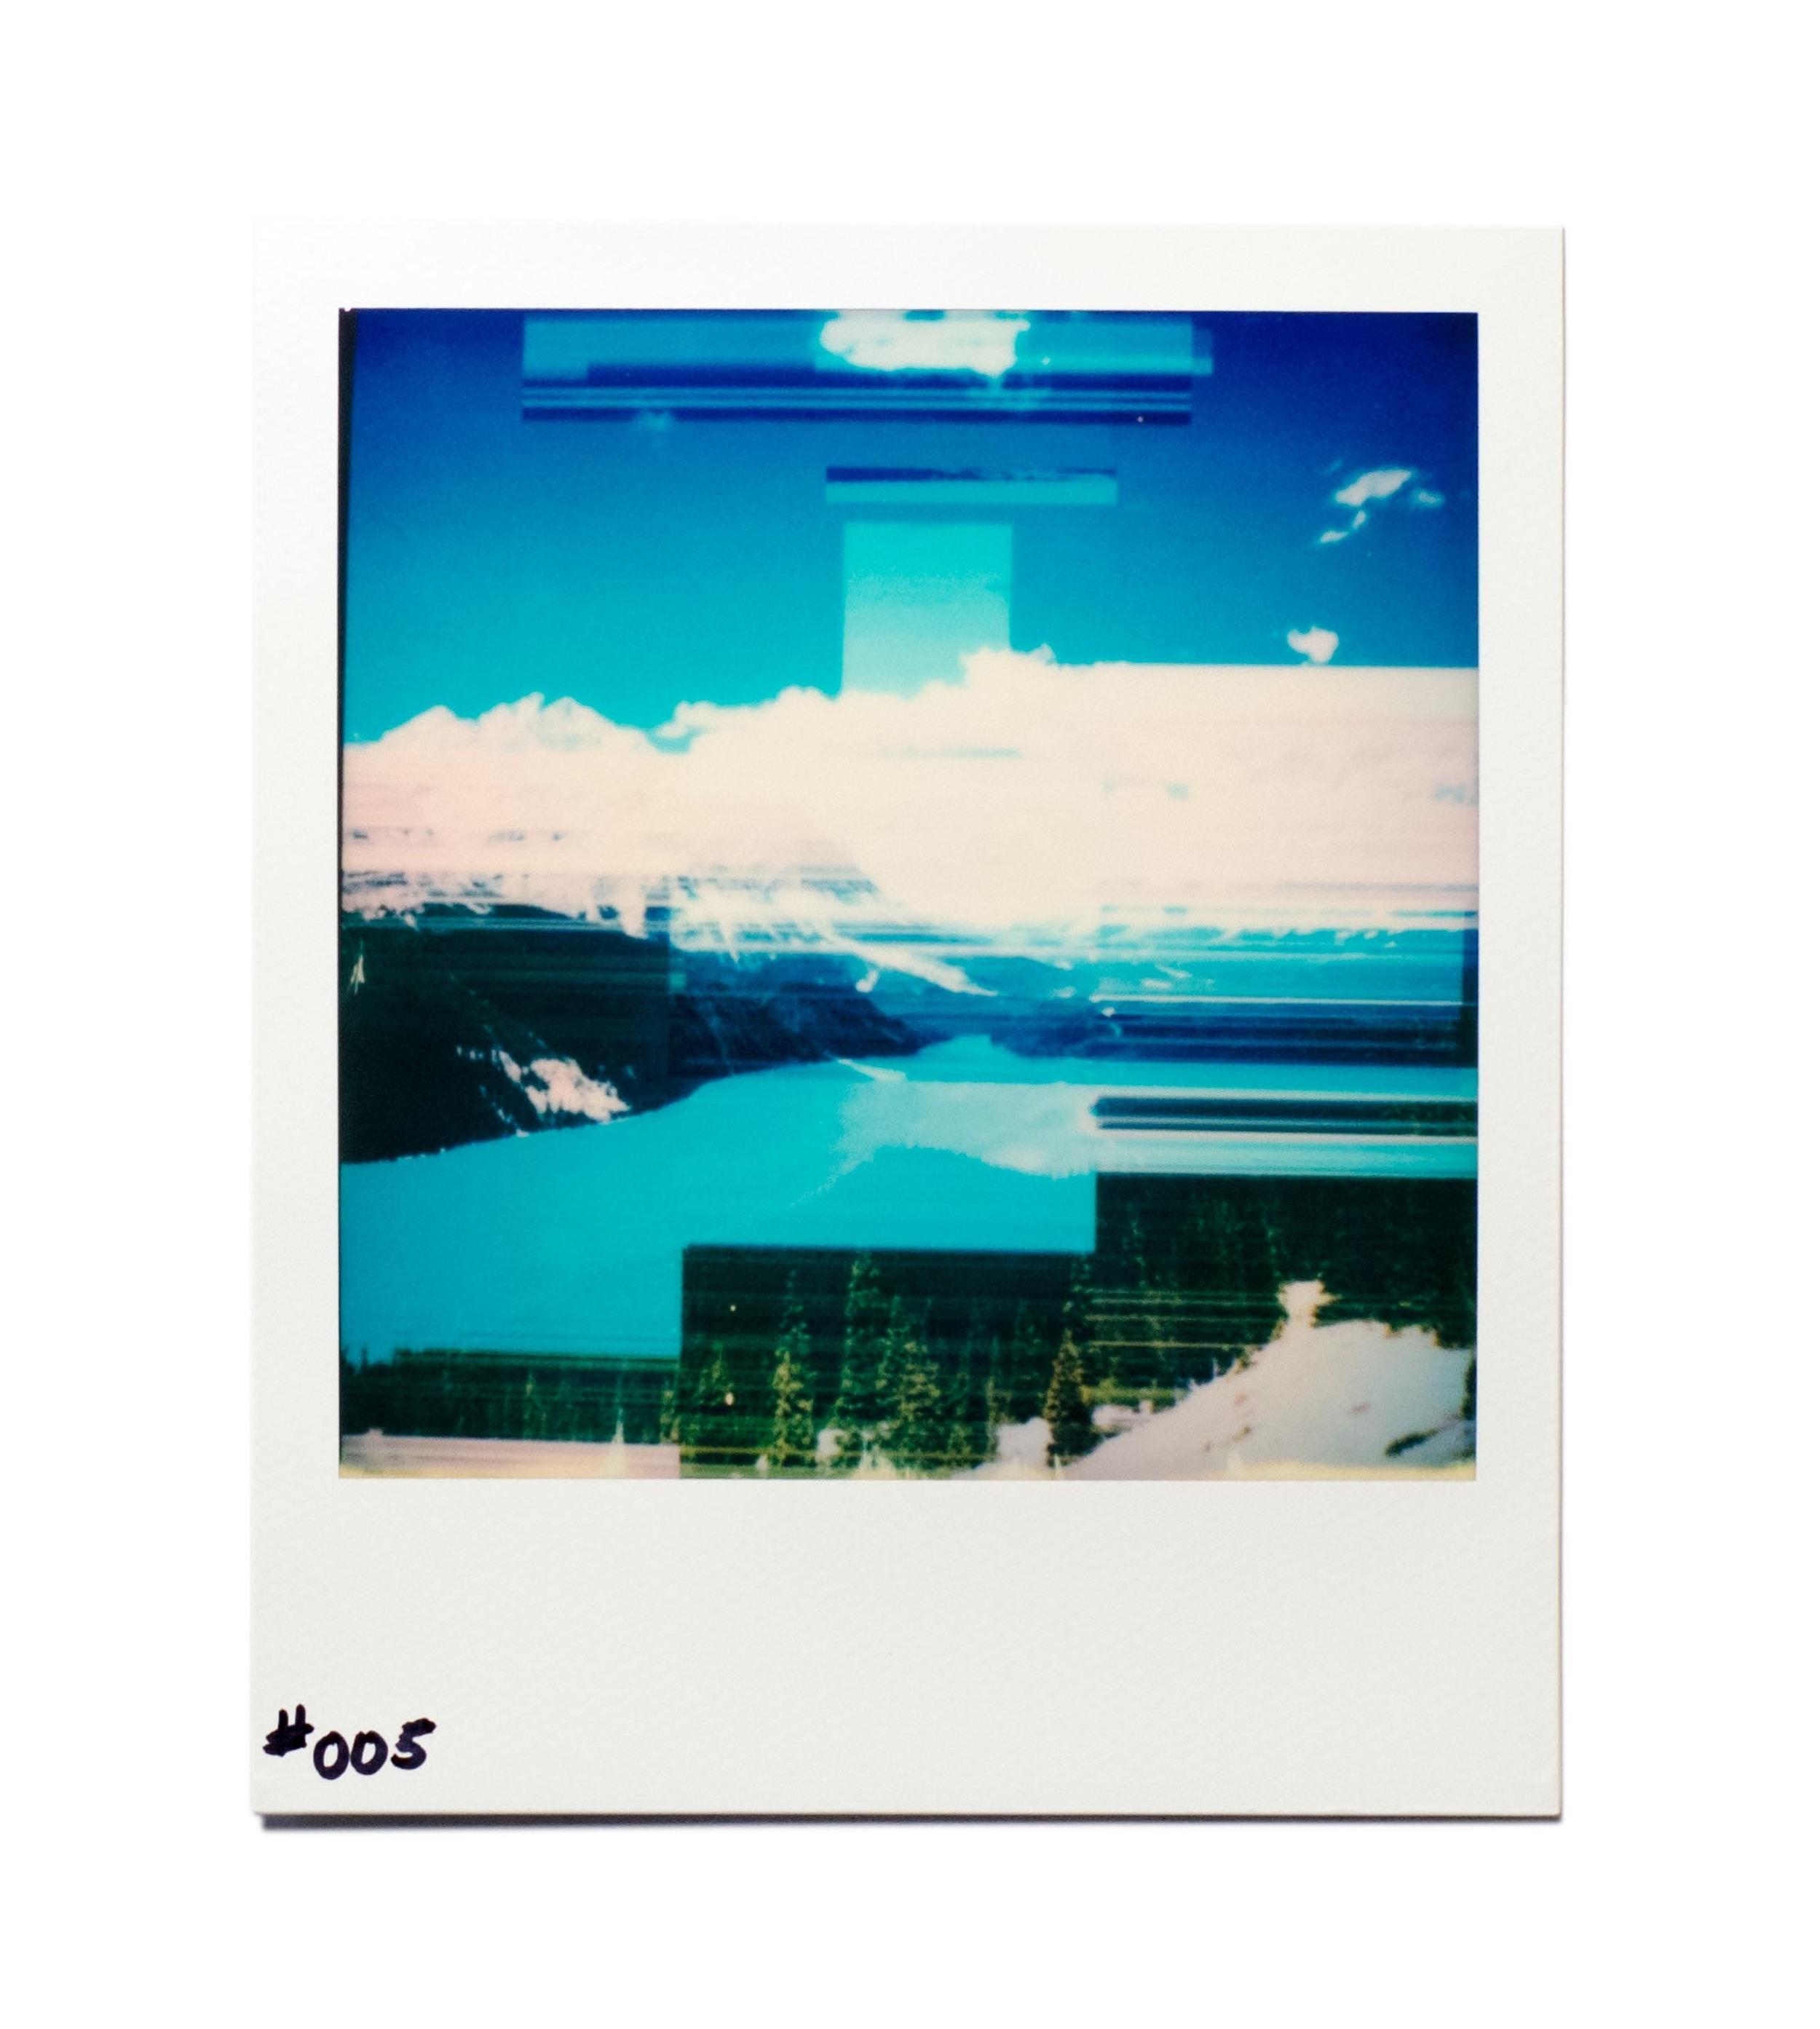 streisguth_polaroid1-6.jpg